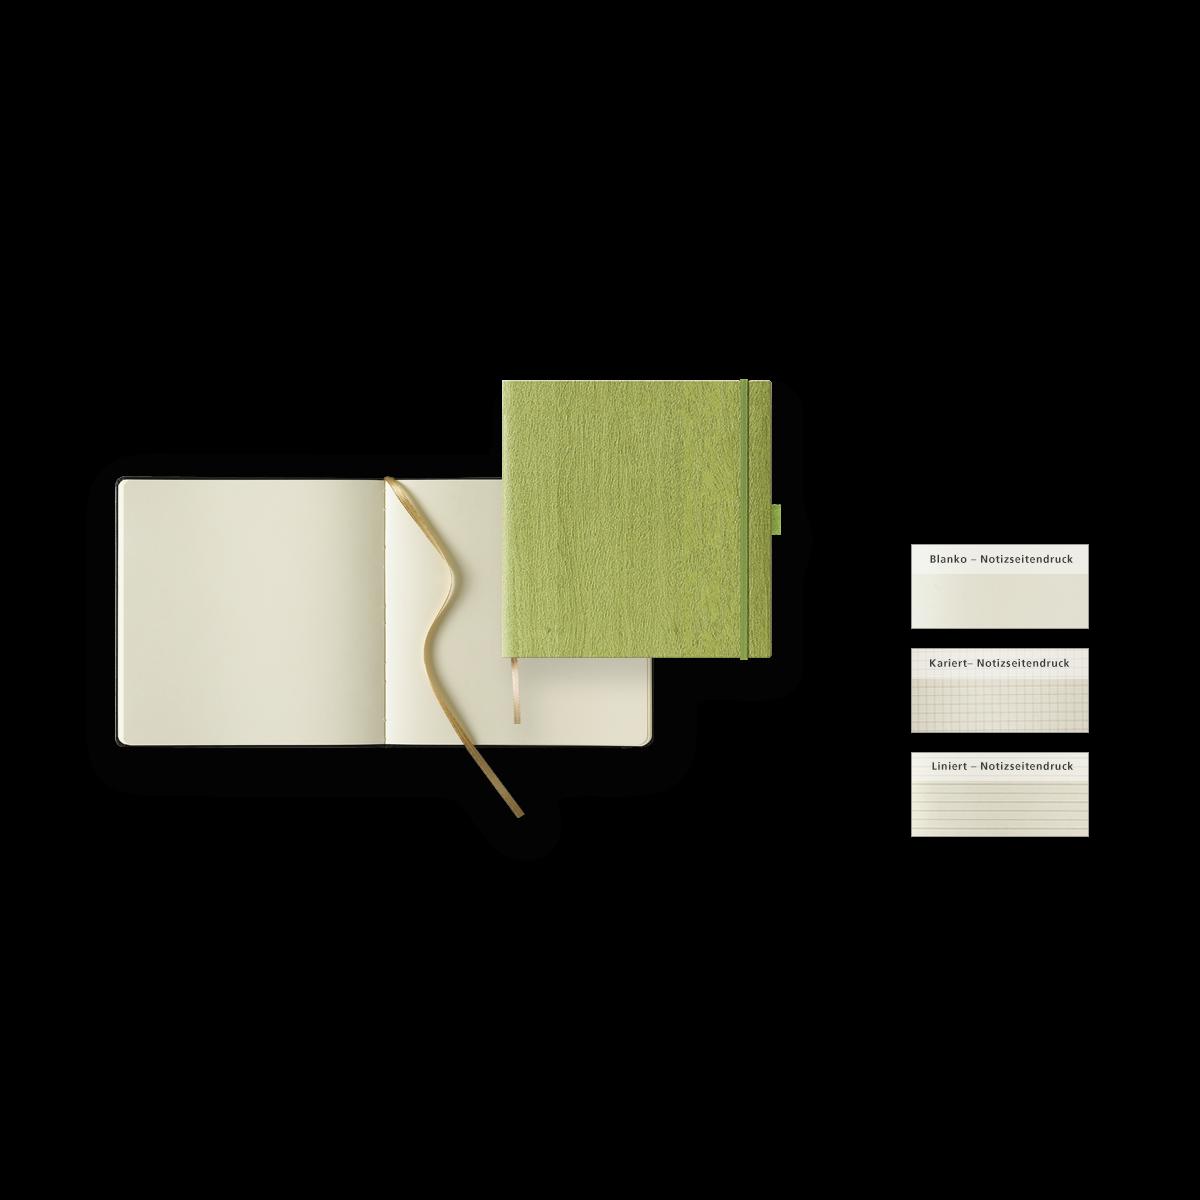 Notizbuch Modell Ivory Notebook Quadrat